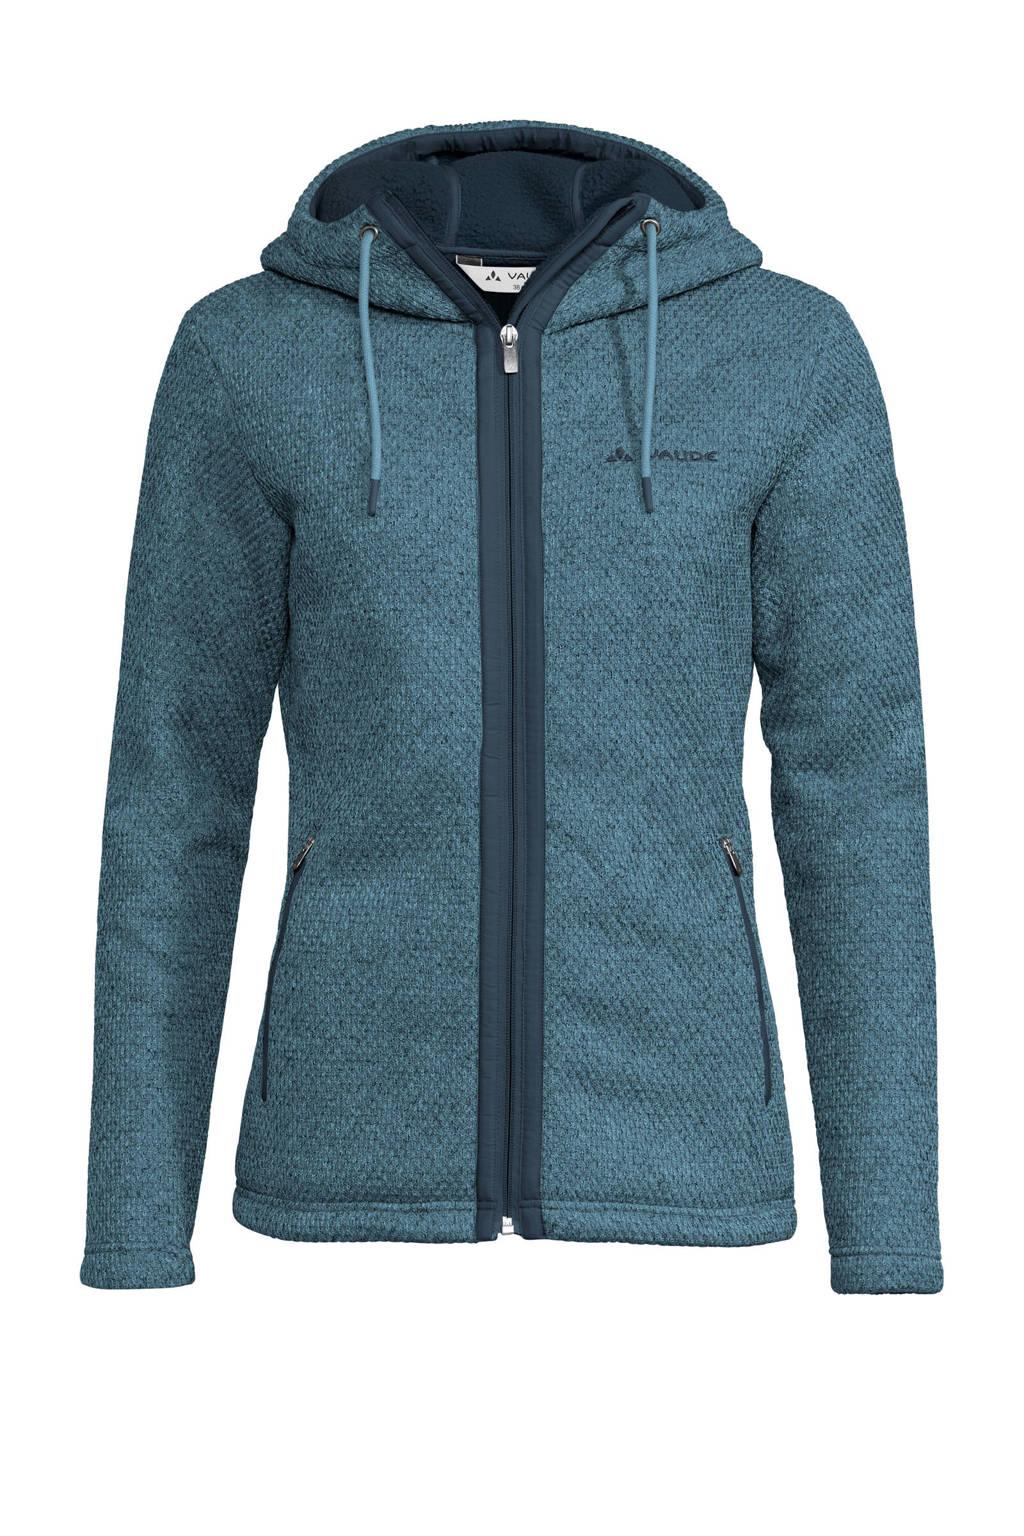 Vaude fleece vest Skomer blauw, Blue-Gray